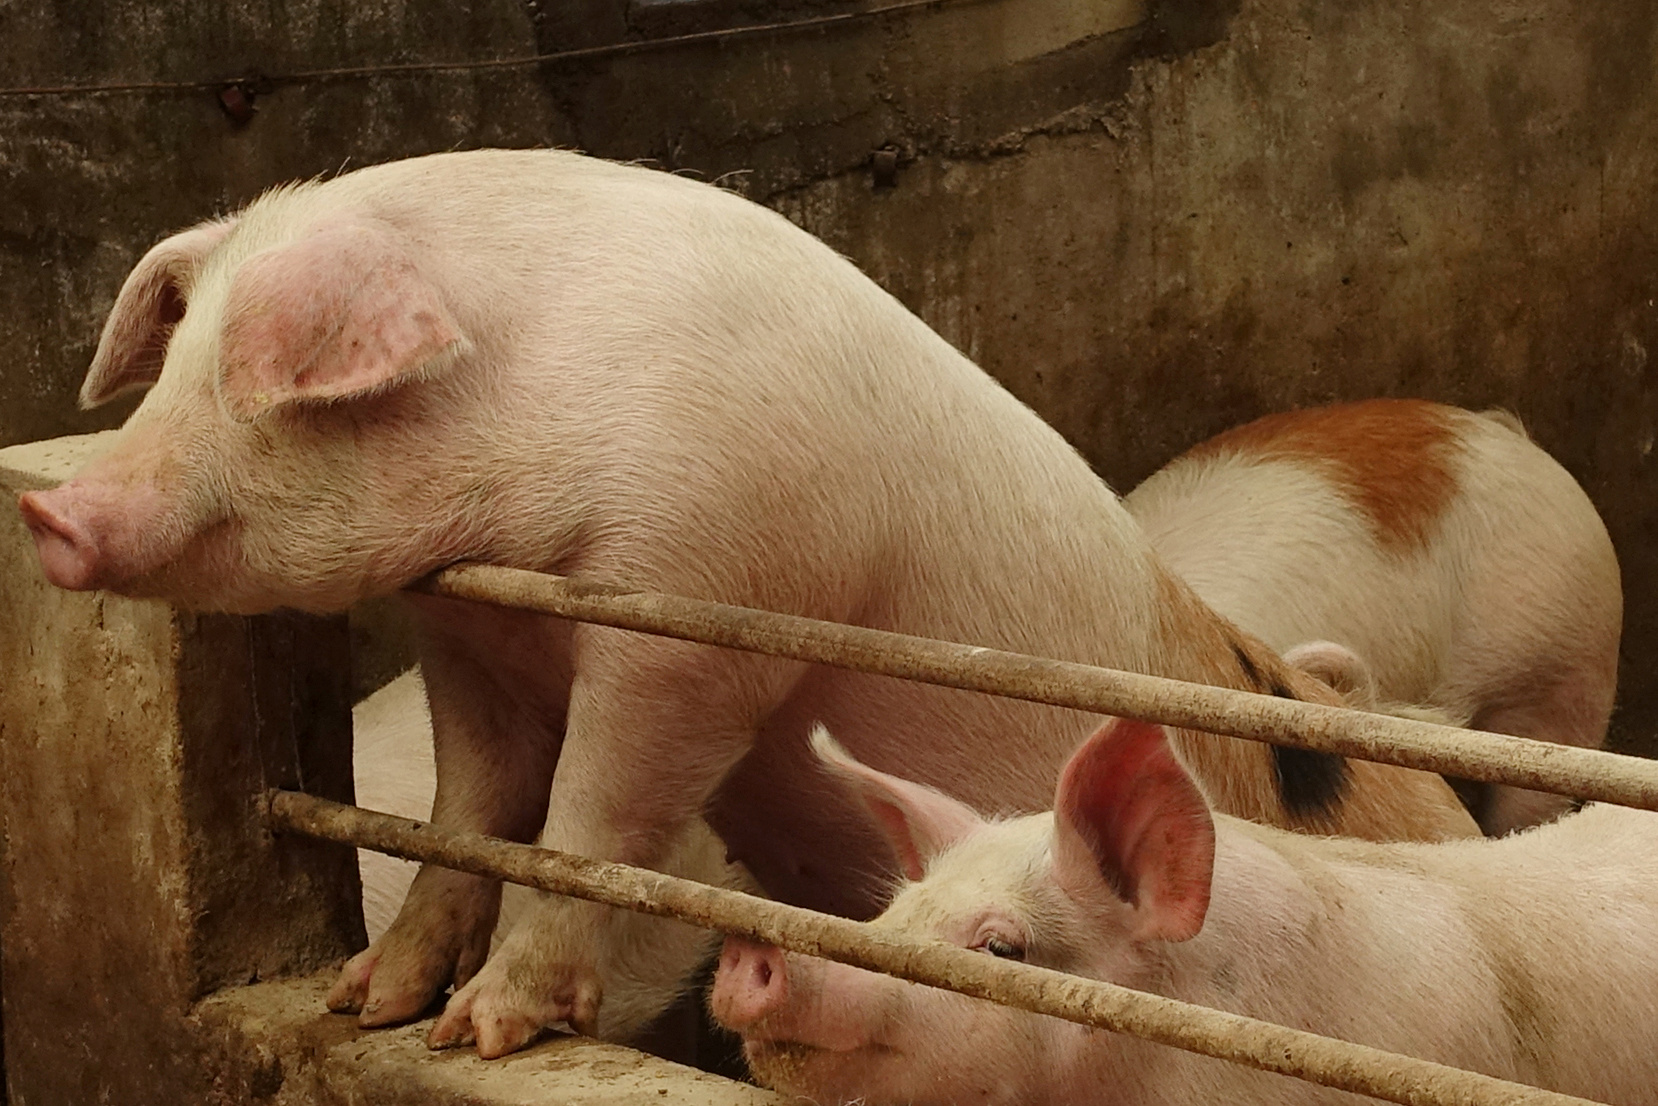 pigs china